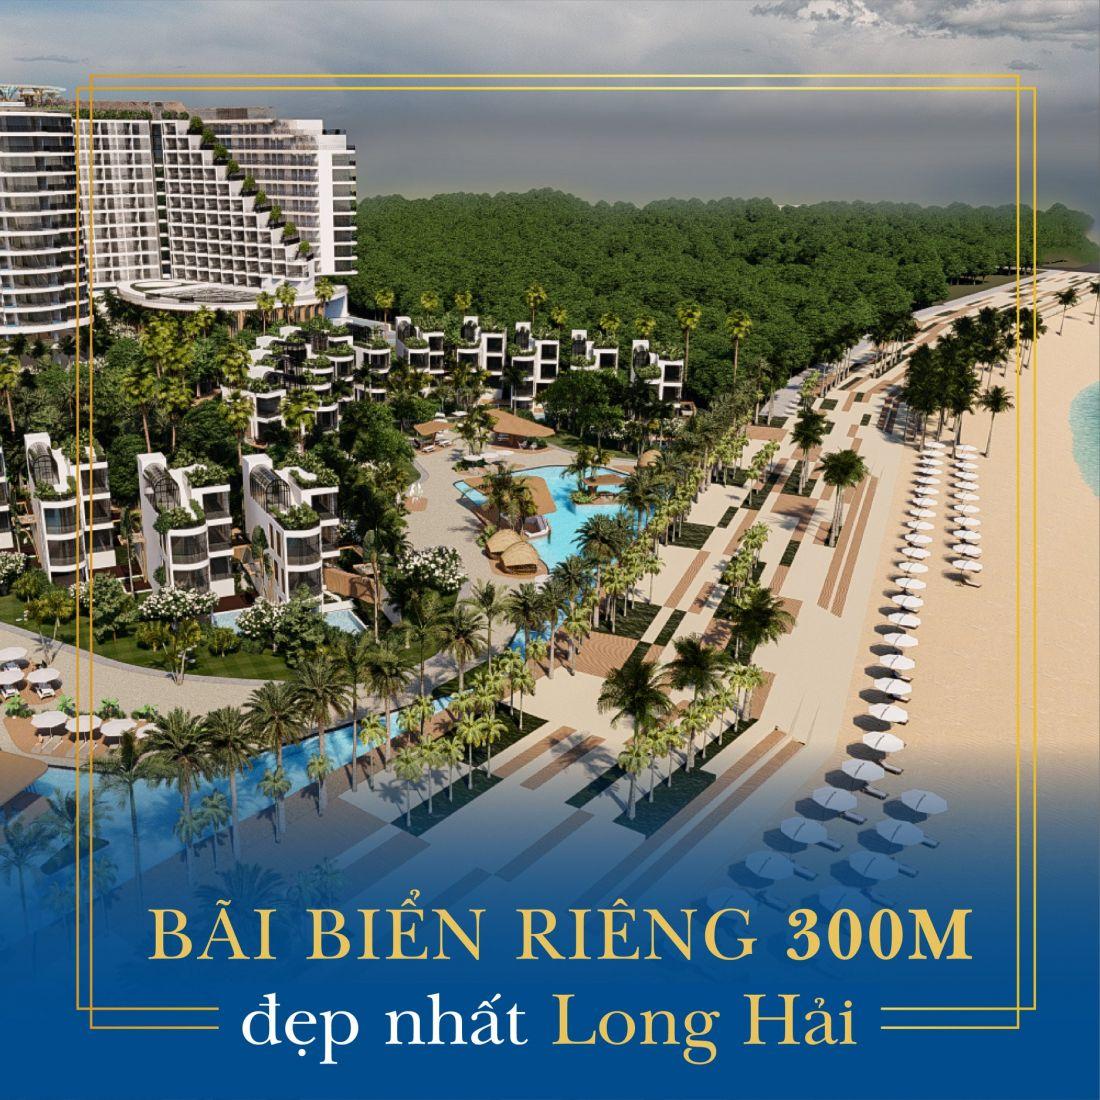 Charm Resort Long Hải tung chính sách bán hàng hấp dẫn